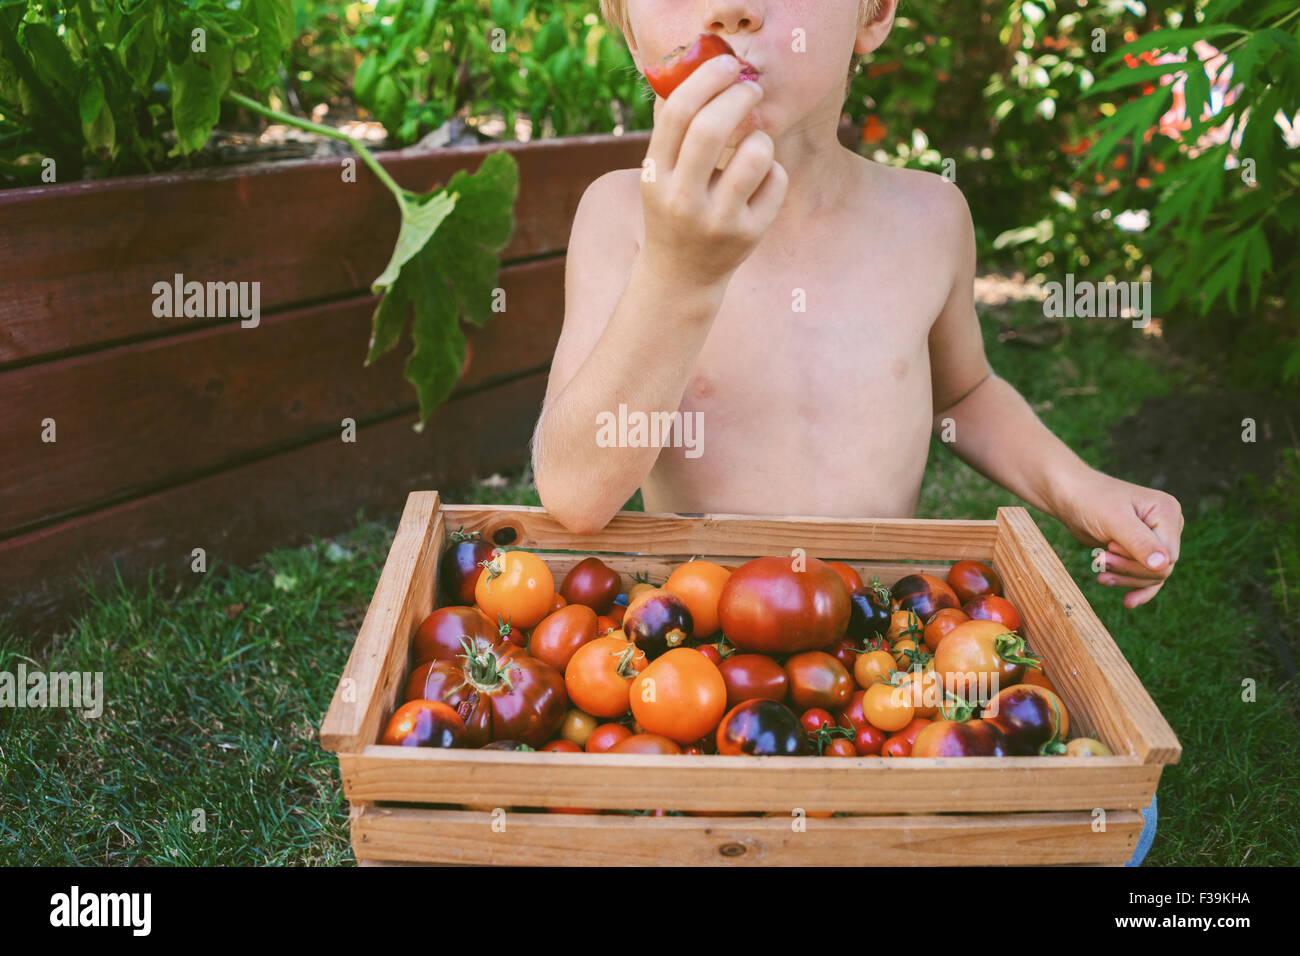 Close-up de un niño comiendo un tomate recién elegido Imagen De Stock